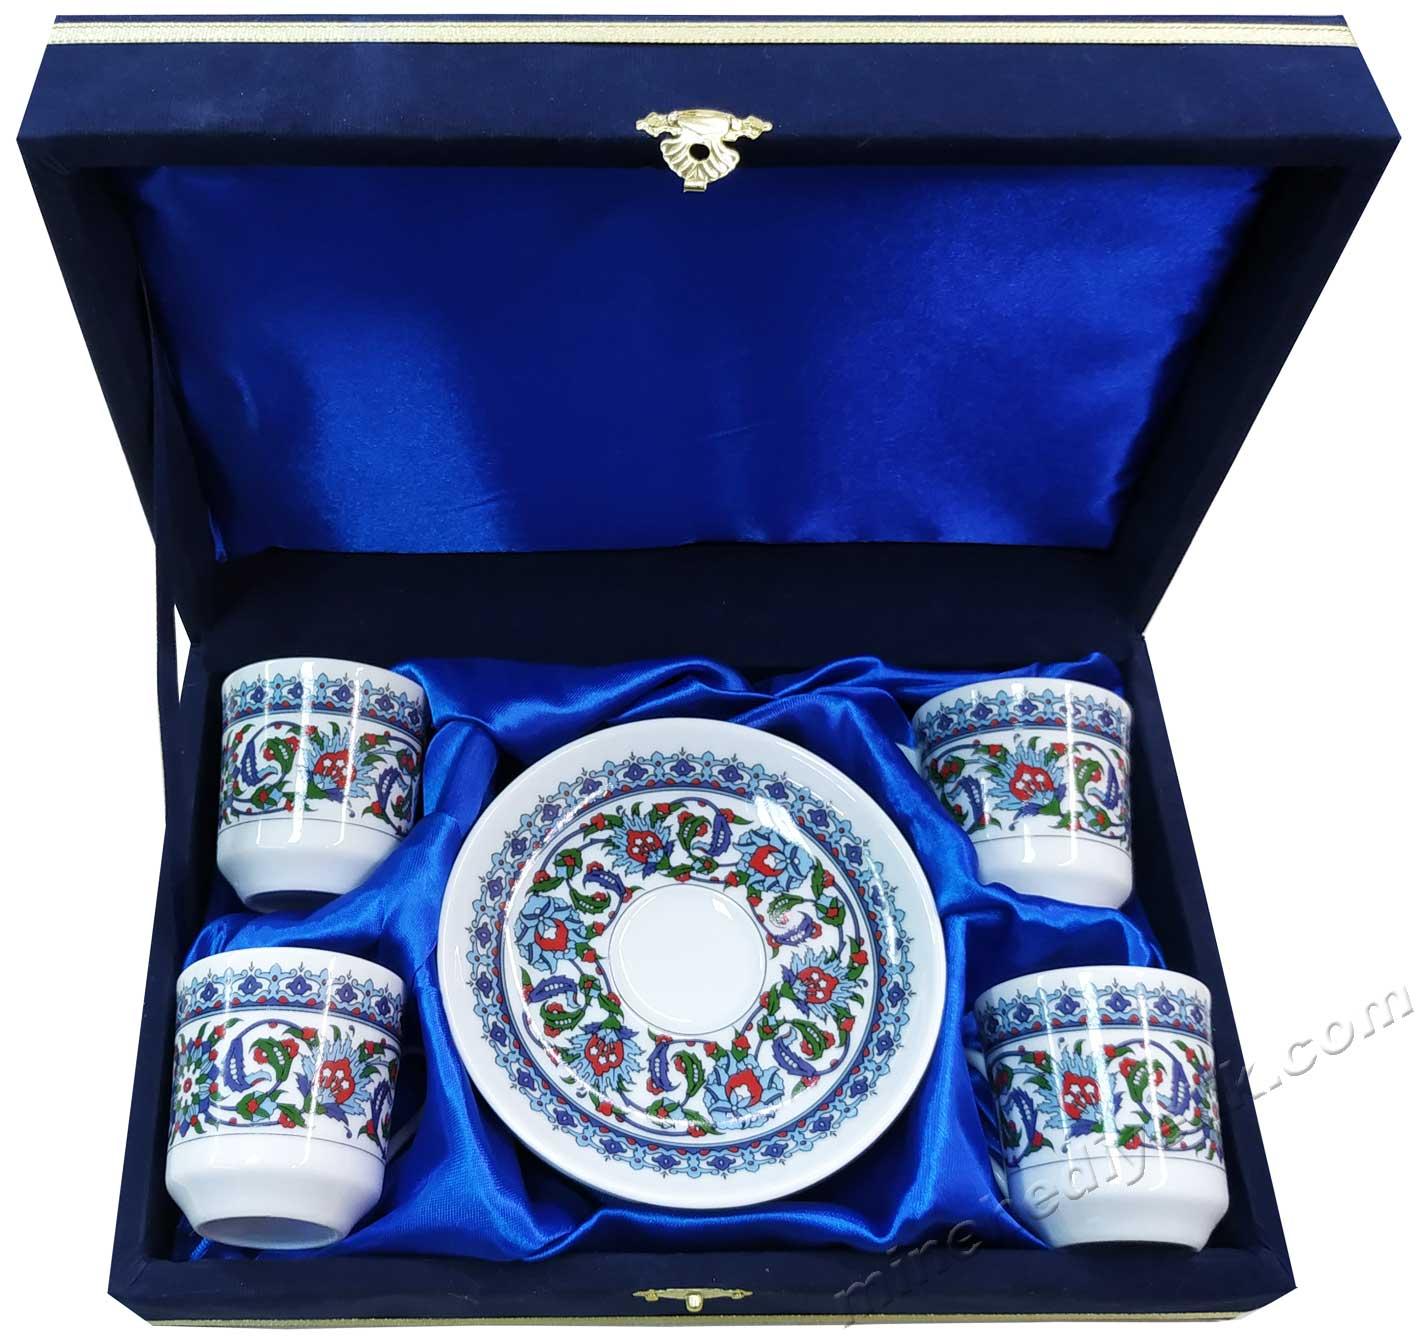 4 lü  Kişilik Kahve Fincan Takımları Hediyelik Dörtlü  Kutulu  Türk Kahvesi Fincan Seti Toptan Kurumsal Hediyelik Logo Baskılı  Fincan Takımı Setleri